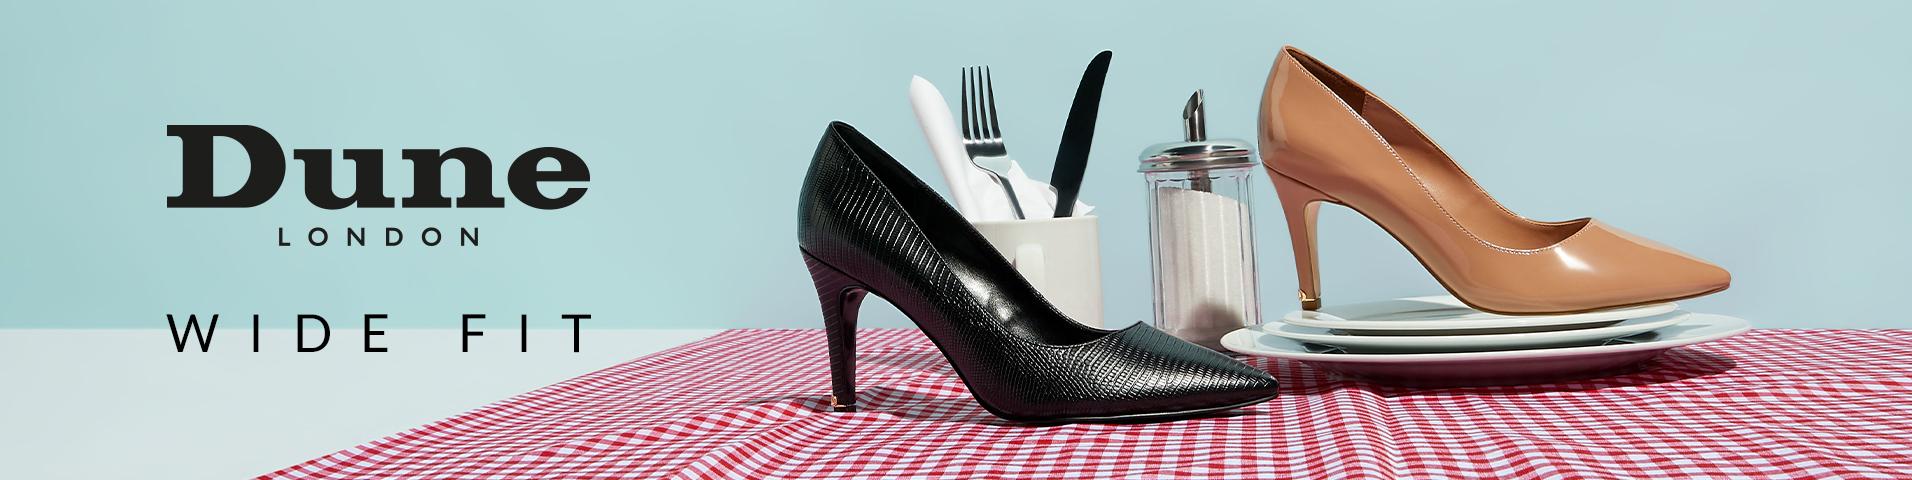 Dune London WIDE FIT Sko | Køb dine nye sko online hos